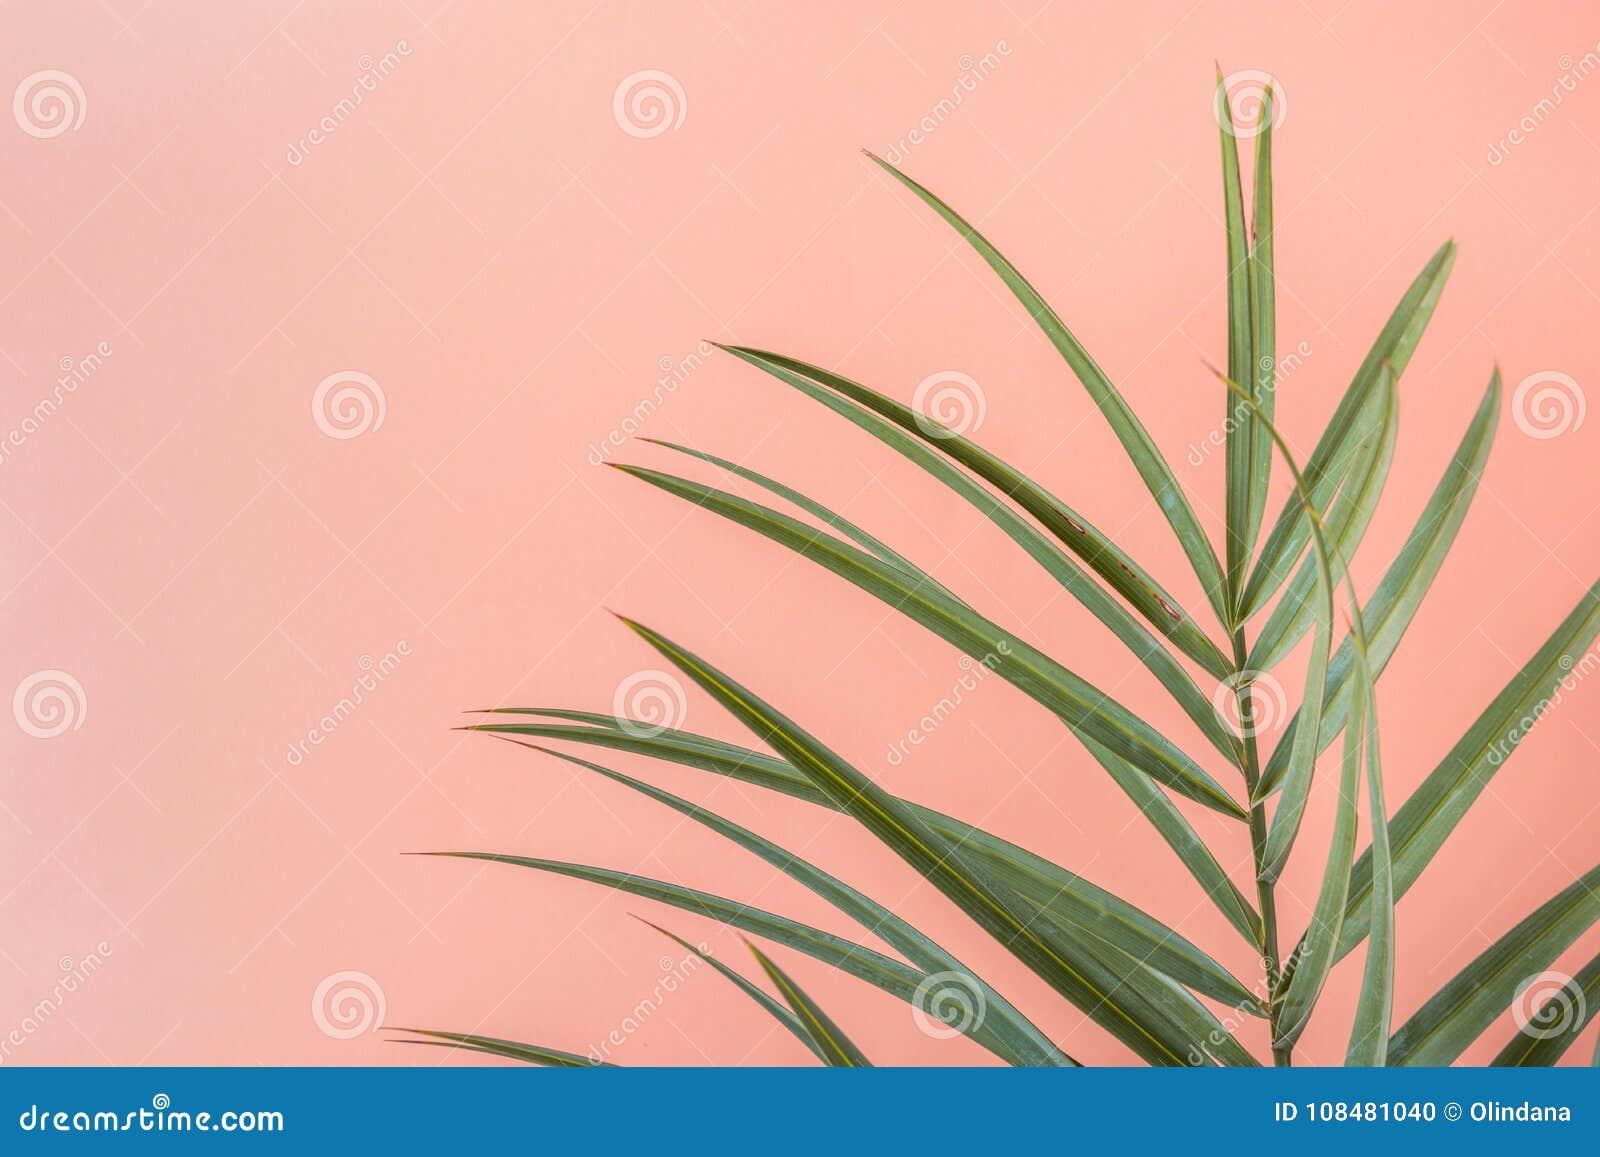 Folha pontudo da palmeira no fundo Peachy cor-de-rosa da parede Decoração interior da planta da sala Cores pastel funky do estilo